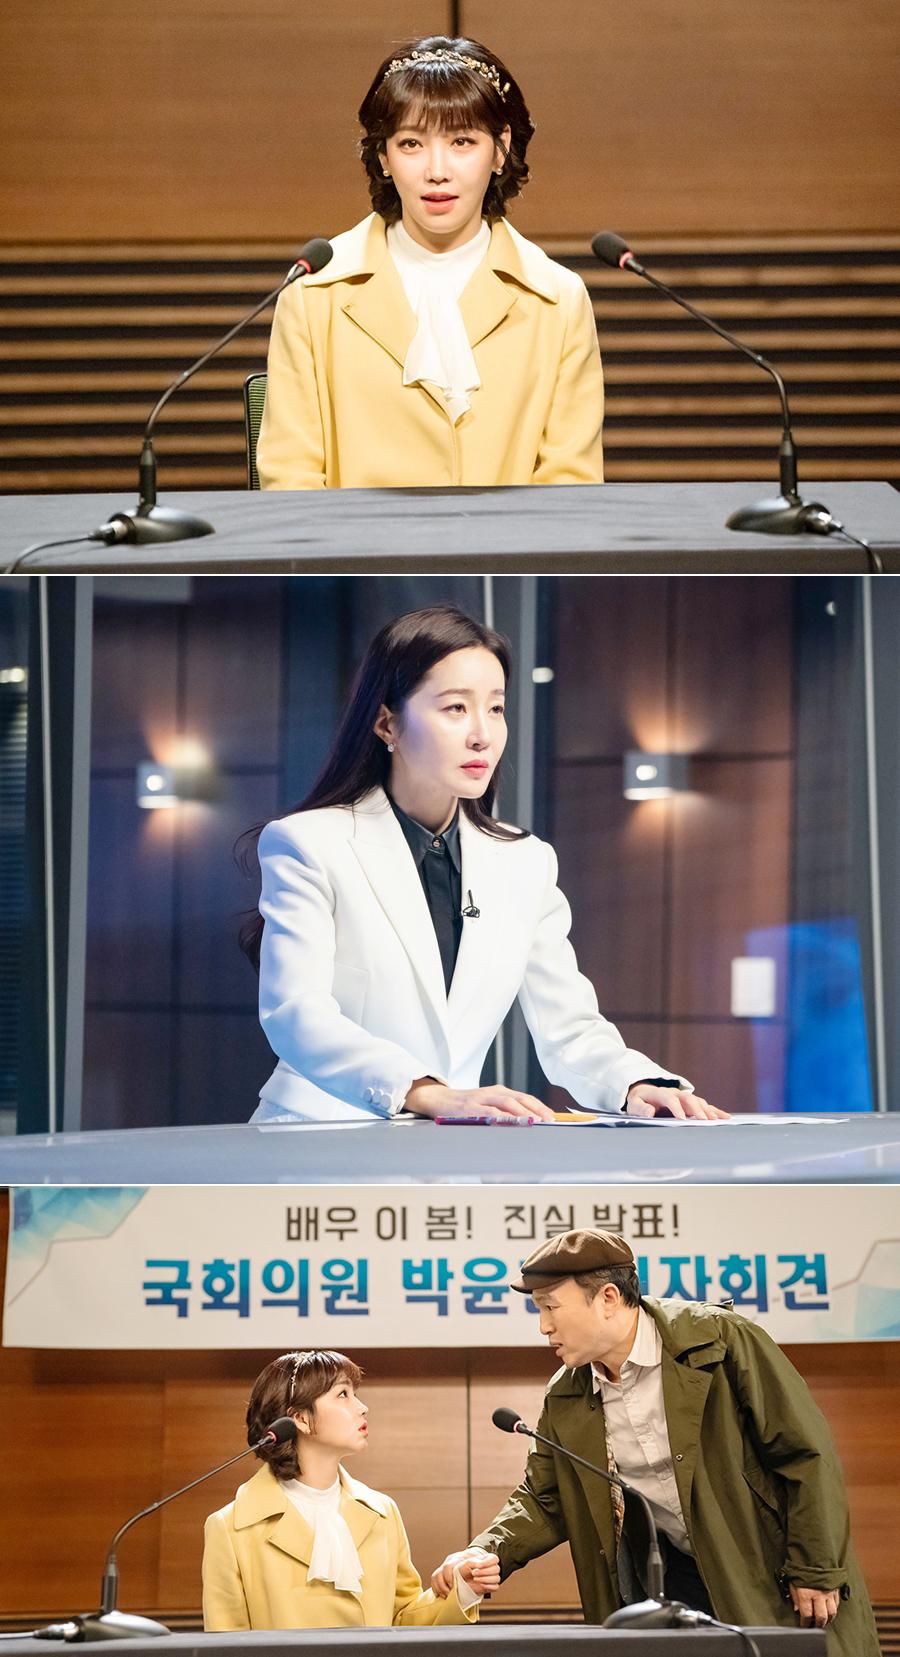 '봄이 오나 봄' 이유리X엄지원, 뉴스 생방송 도중 몸 바뀌나? '당혹'